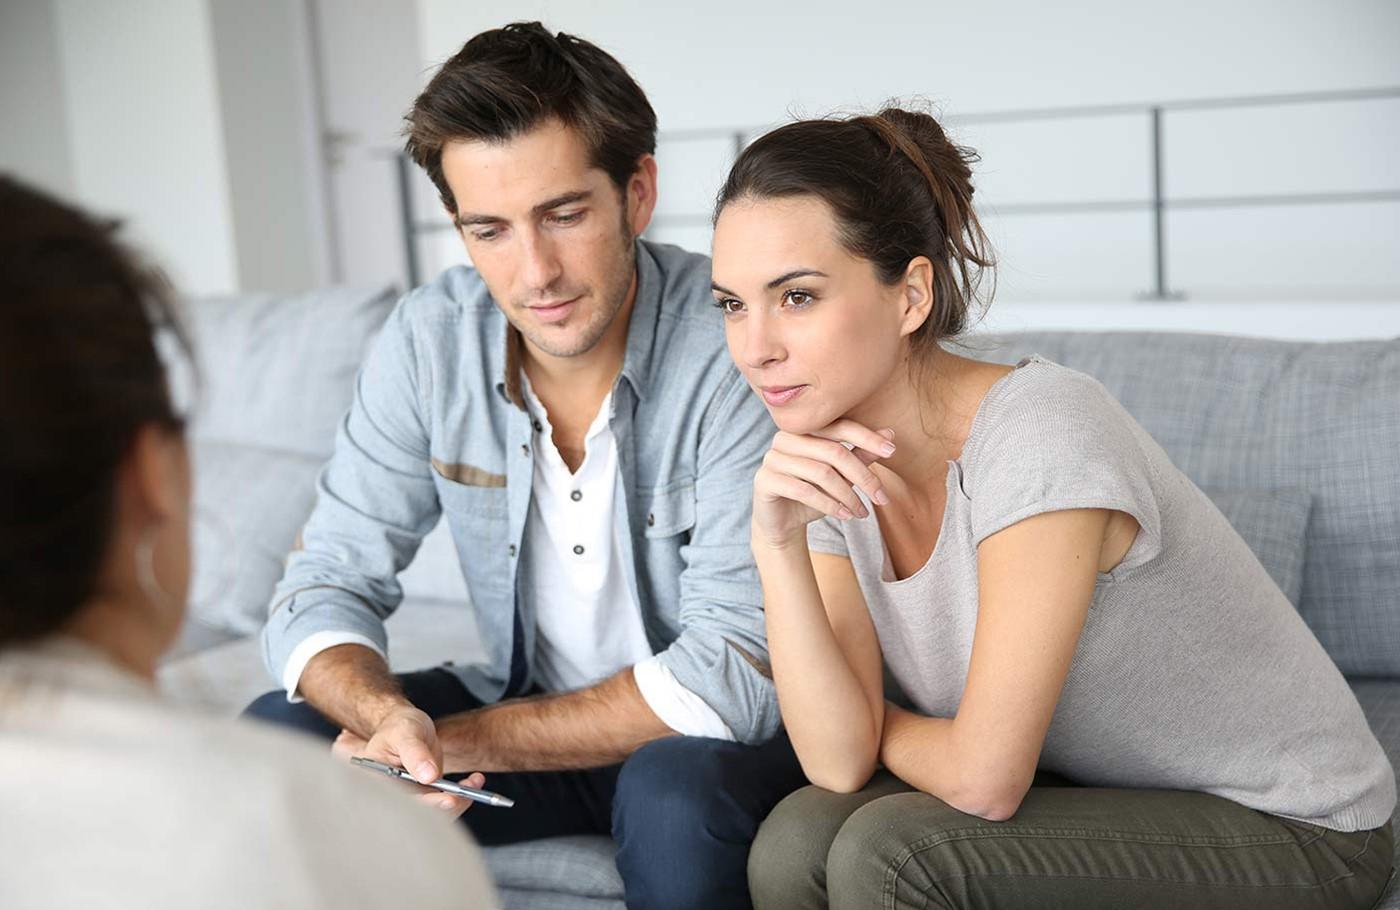 семейные пары знакомство частные объявления москва